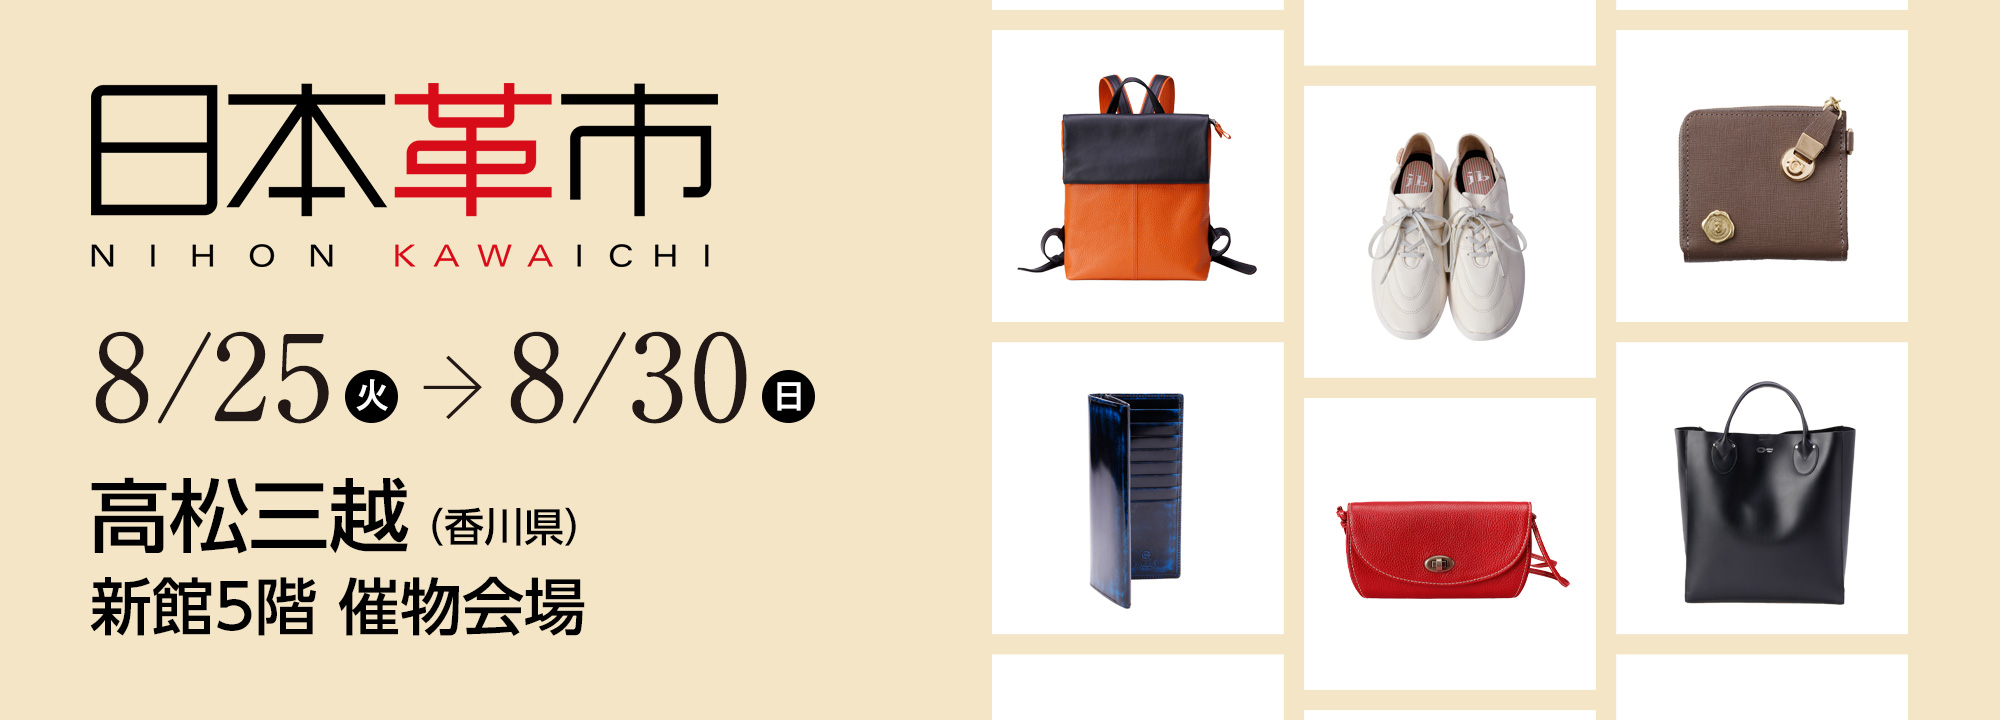 【「日本革市」高松三越】に出店します。